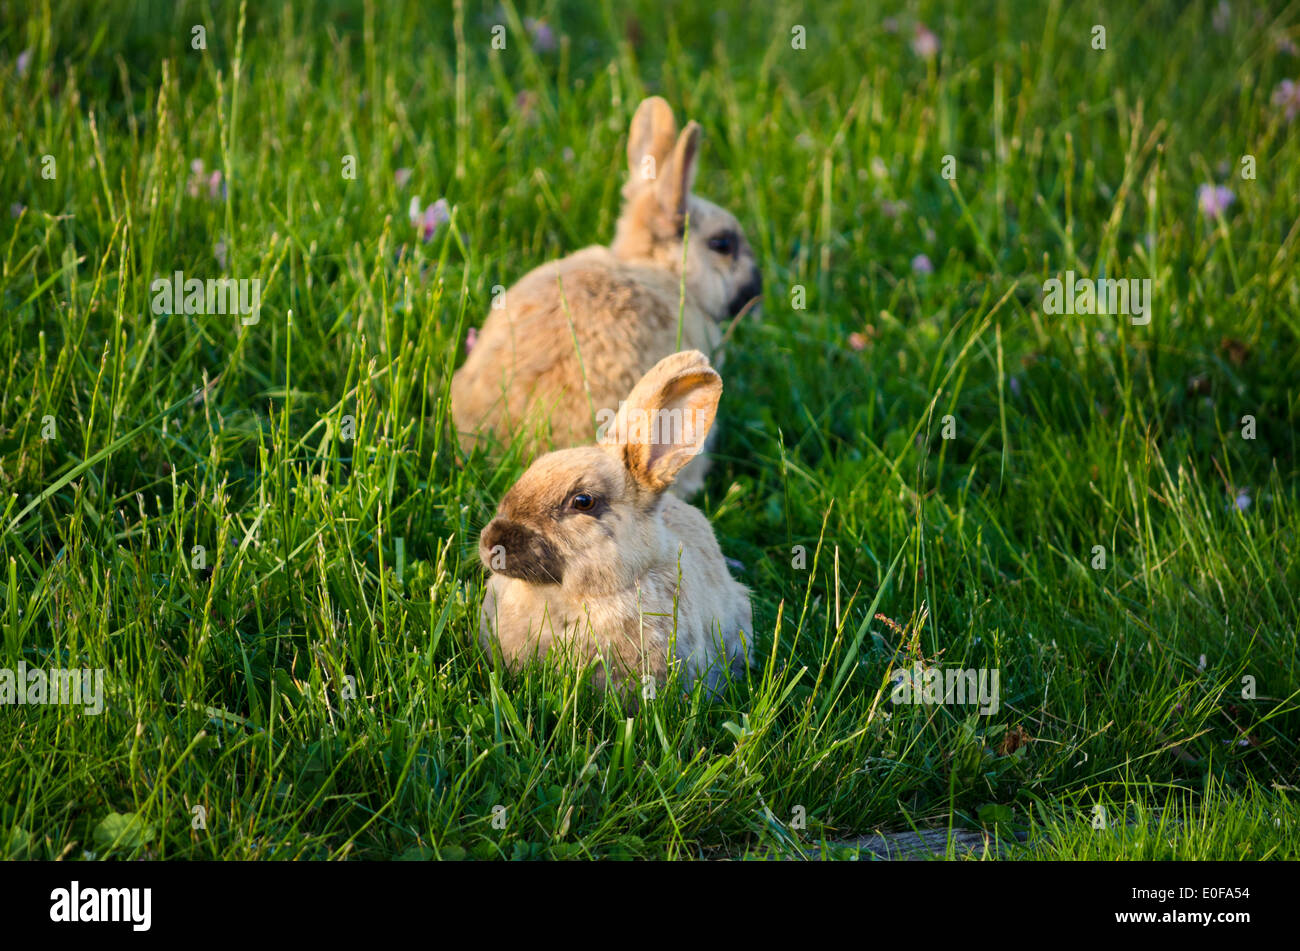 Due simpatici coniglietti o conigli in erba. Immagini Stock